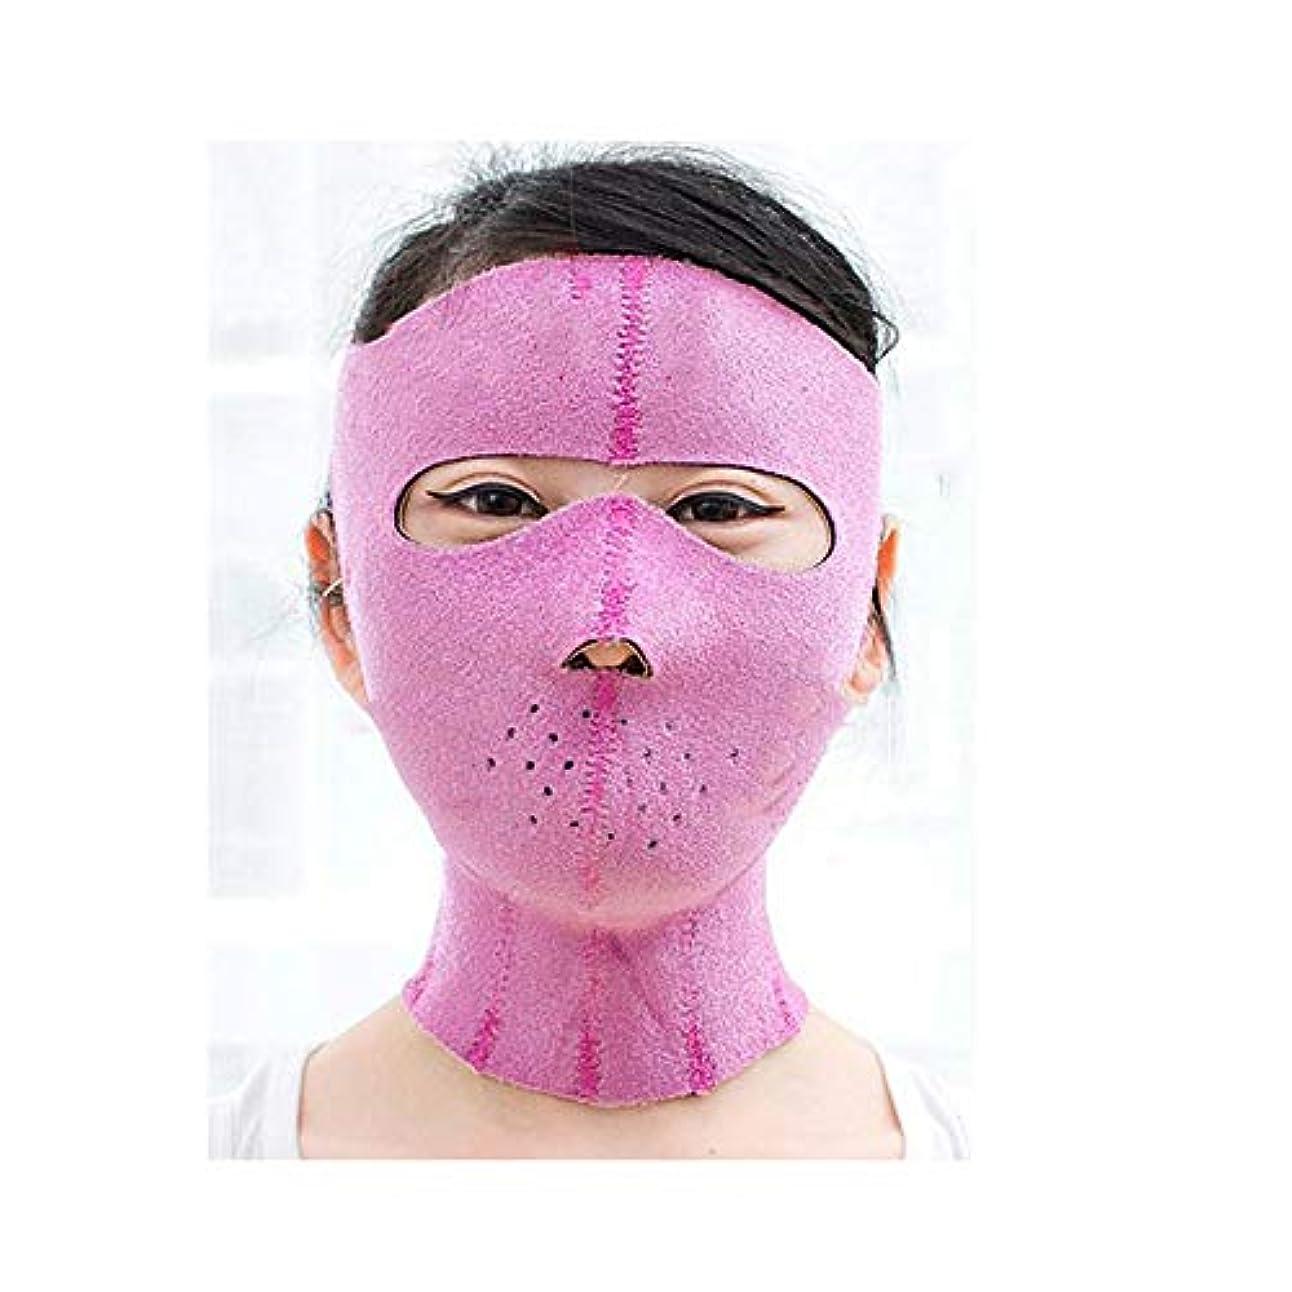 毛皮勝者摂動フェイスリフティングサウナマスク、ウィッキングフェイス包帯/スモールフェイスアーチファクト/フェイスマスク(ピンク)